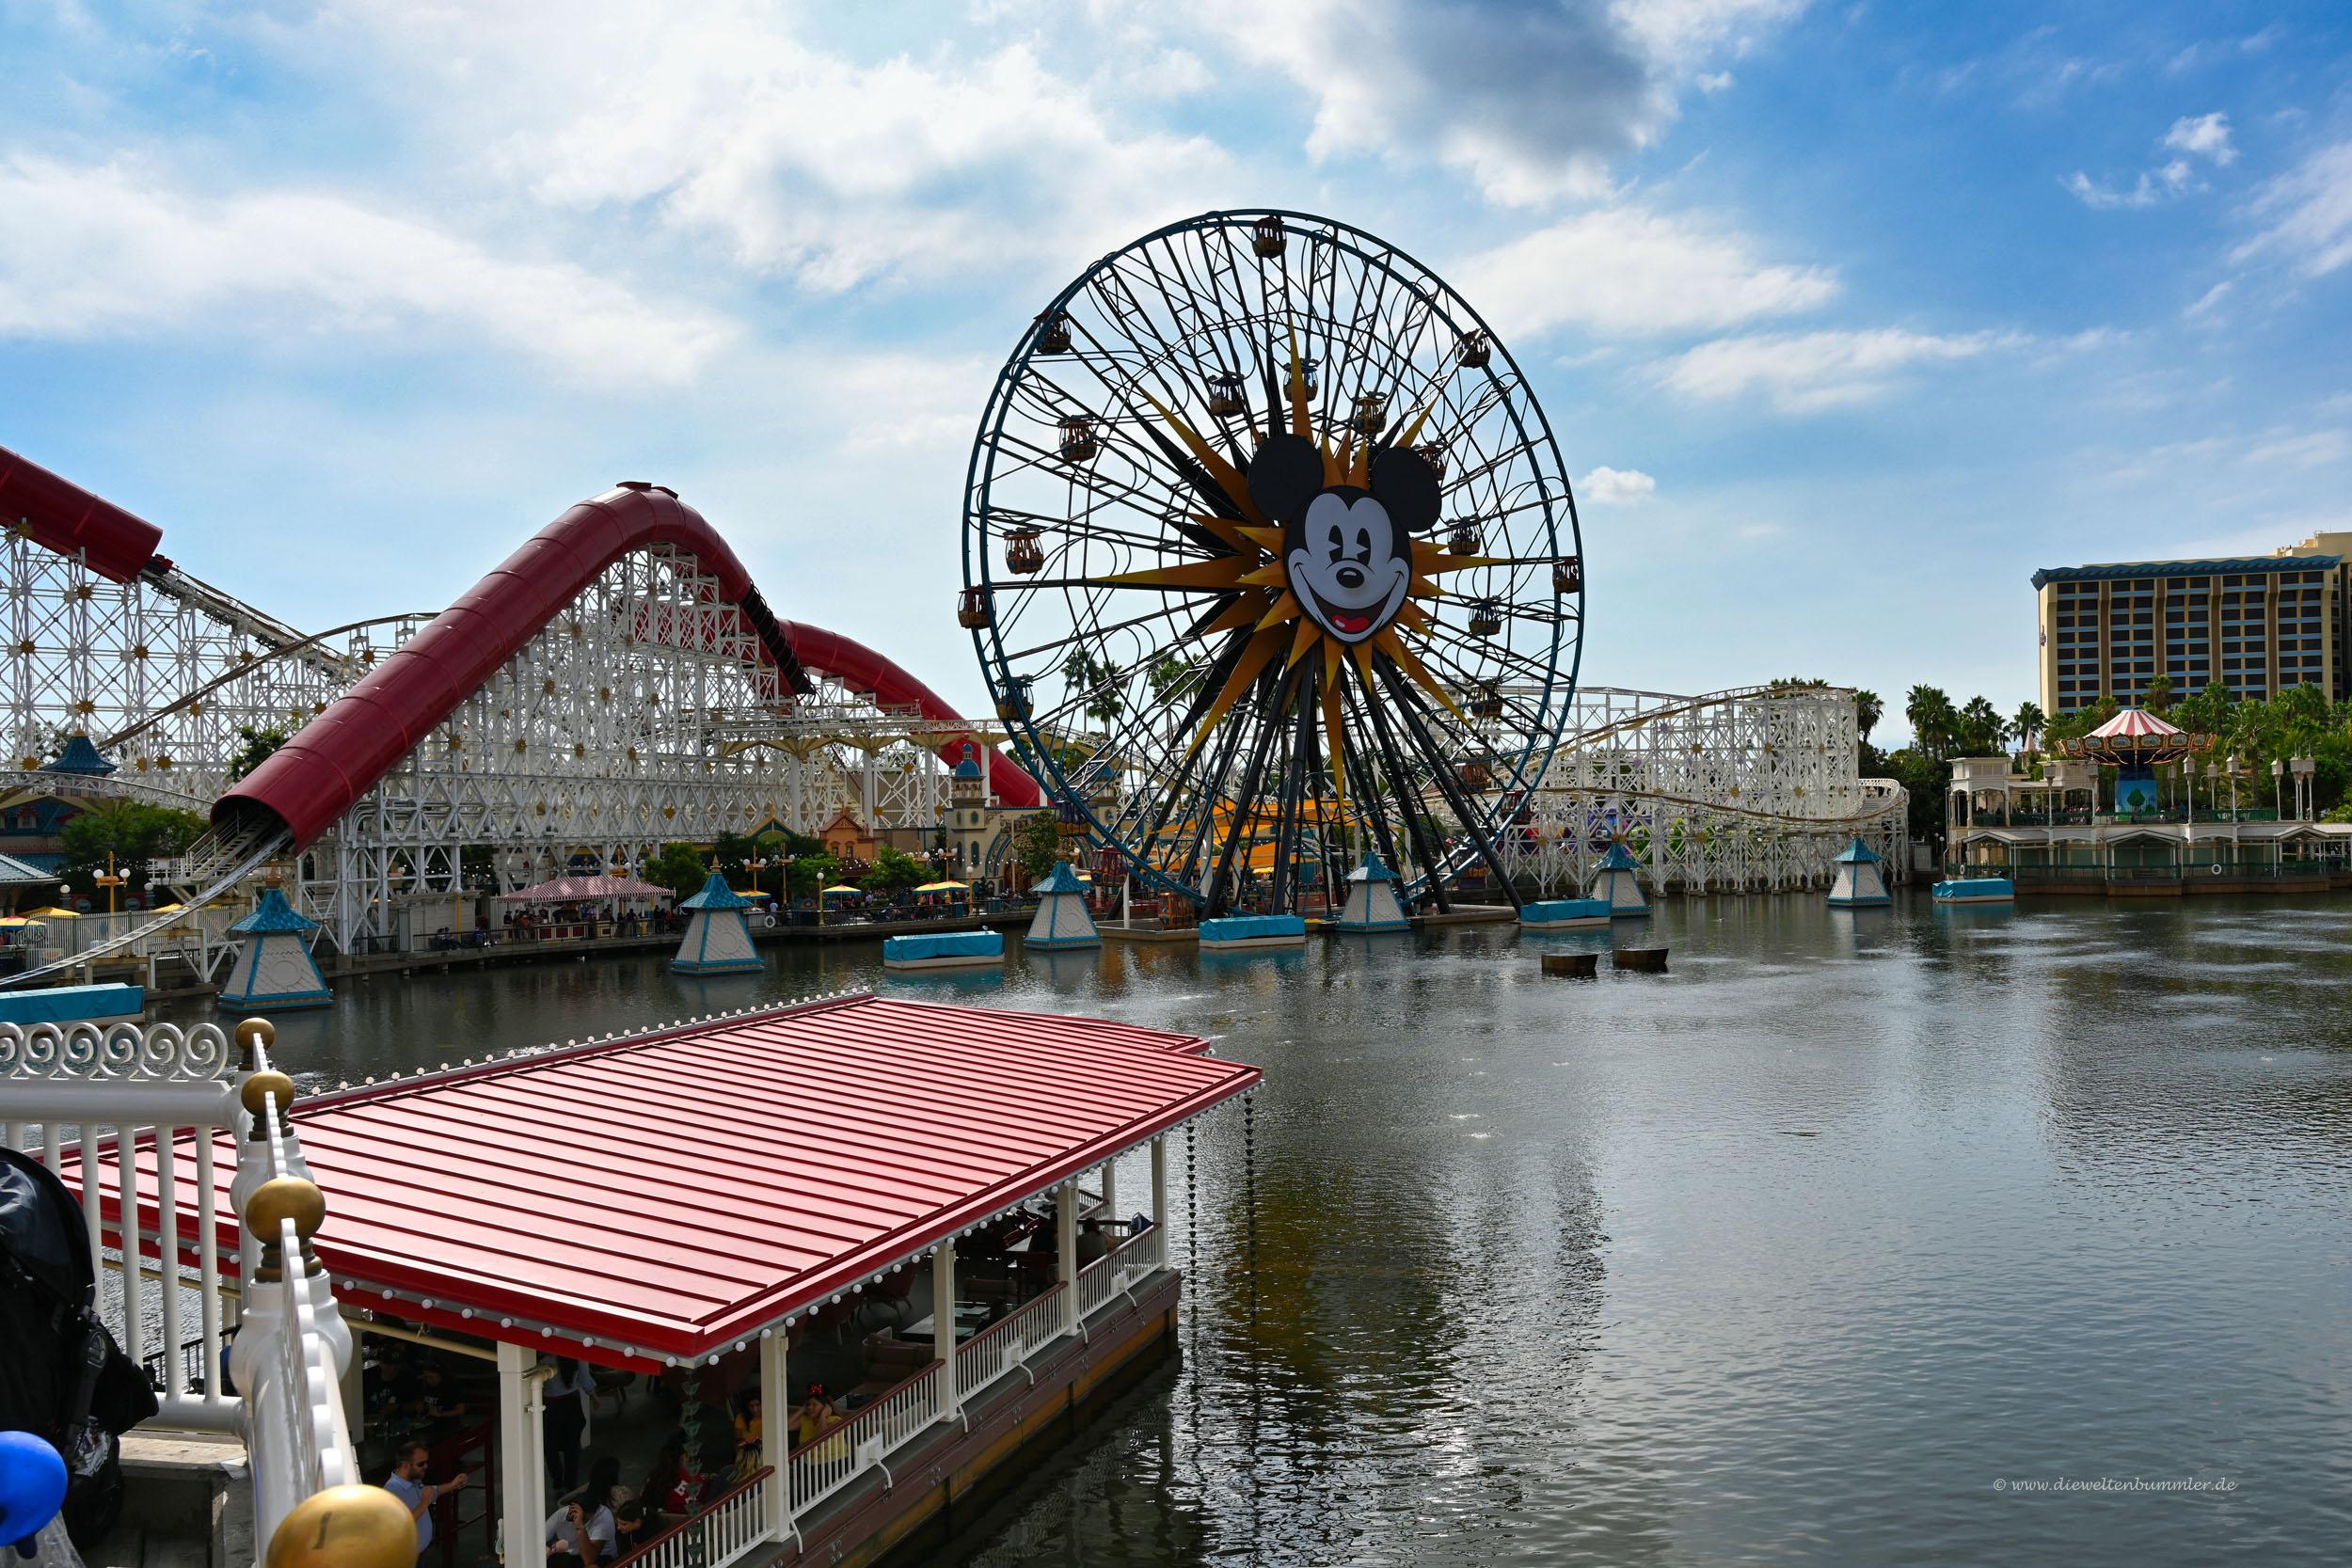 Riesenrad mit Micky Maus